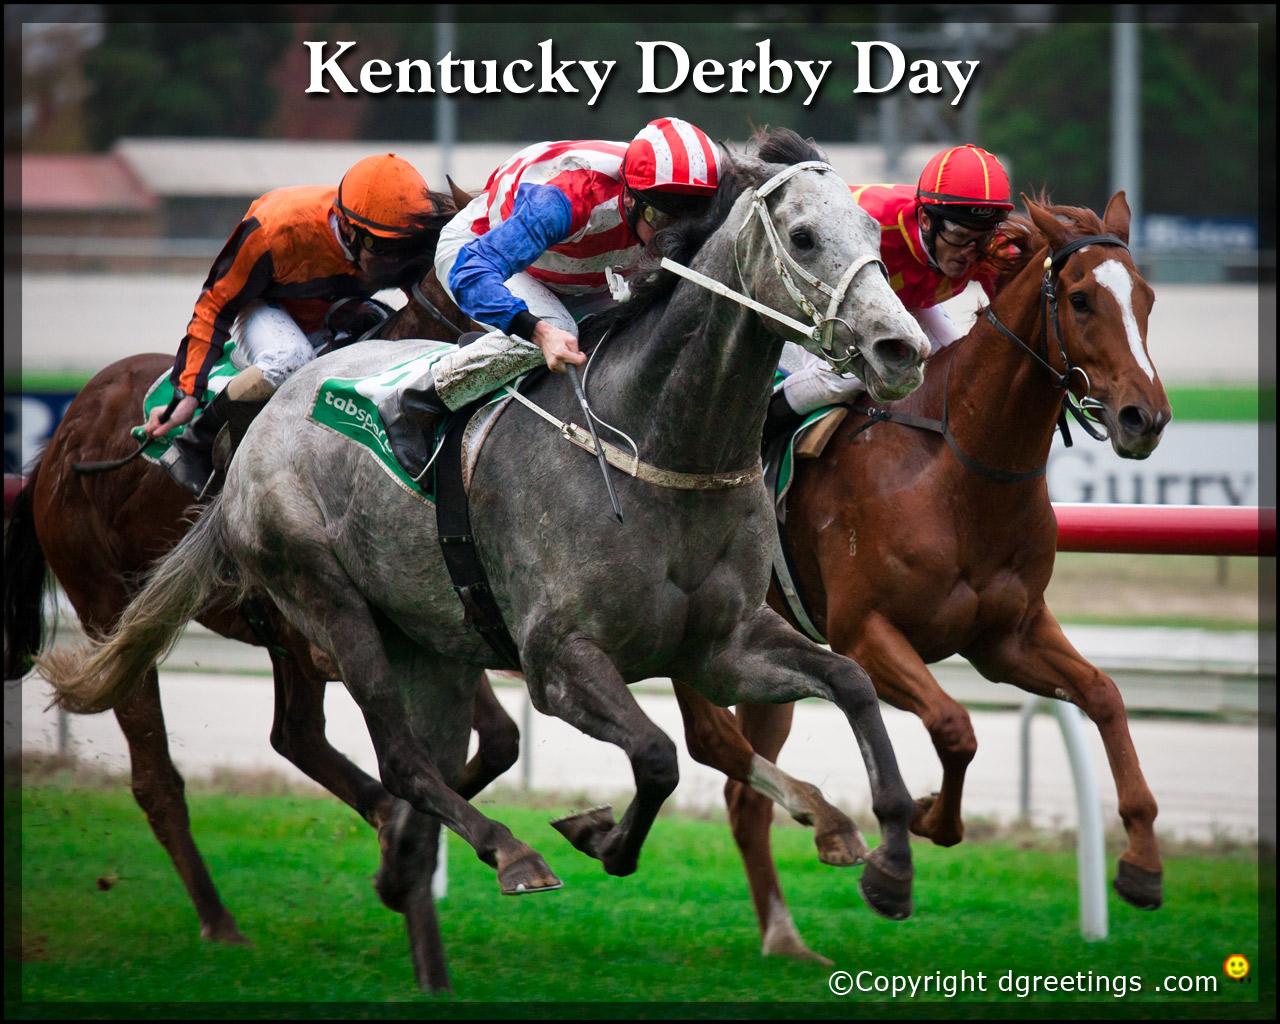 Kentucky Derby Wallpaper